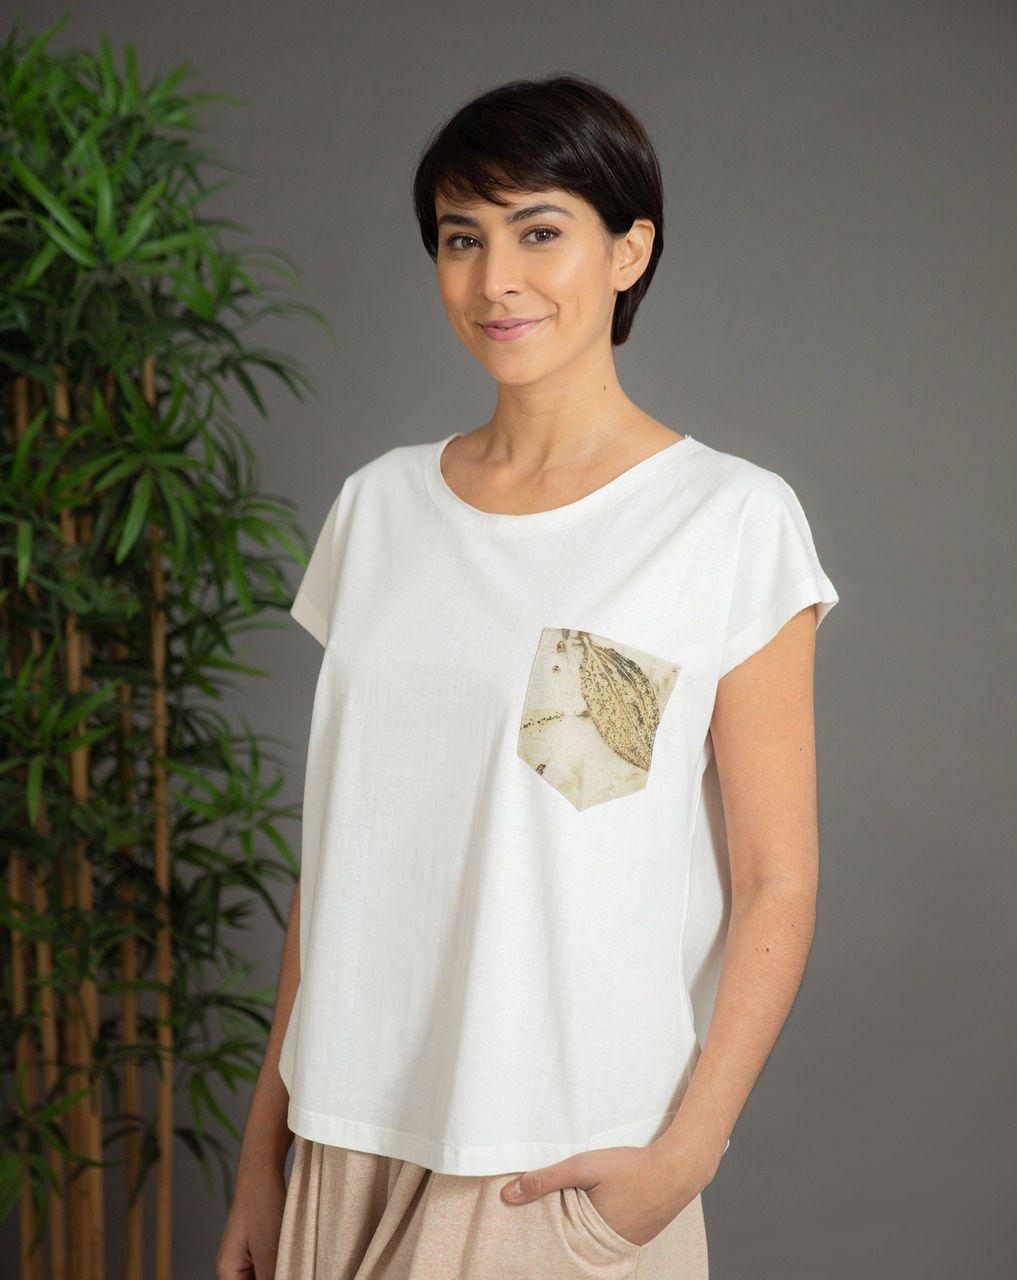 Blusa Ana Cavada Linho - Algodão Organico e Impressão Botânica